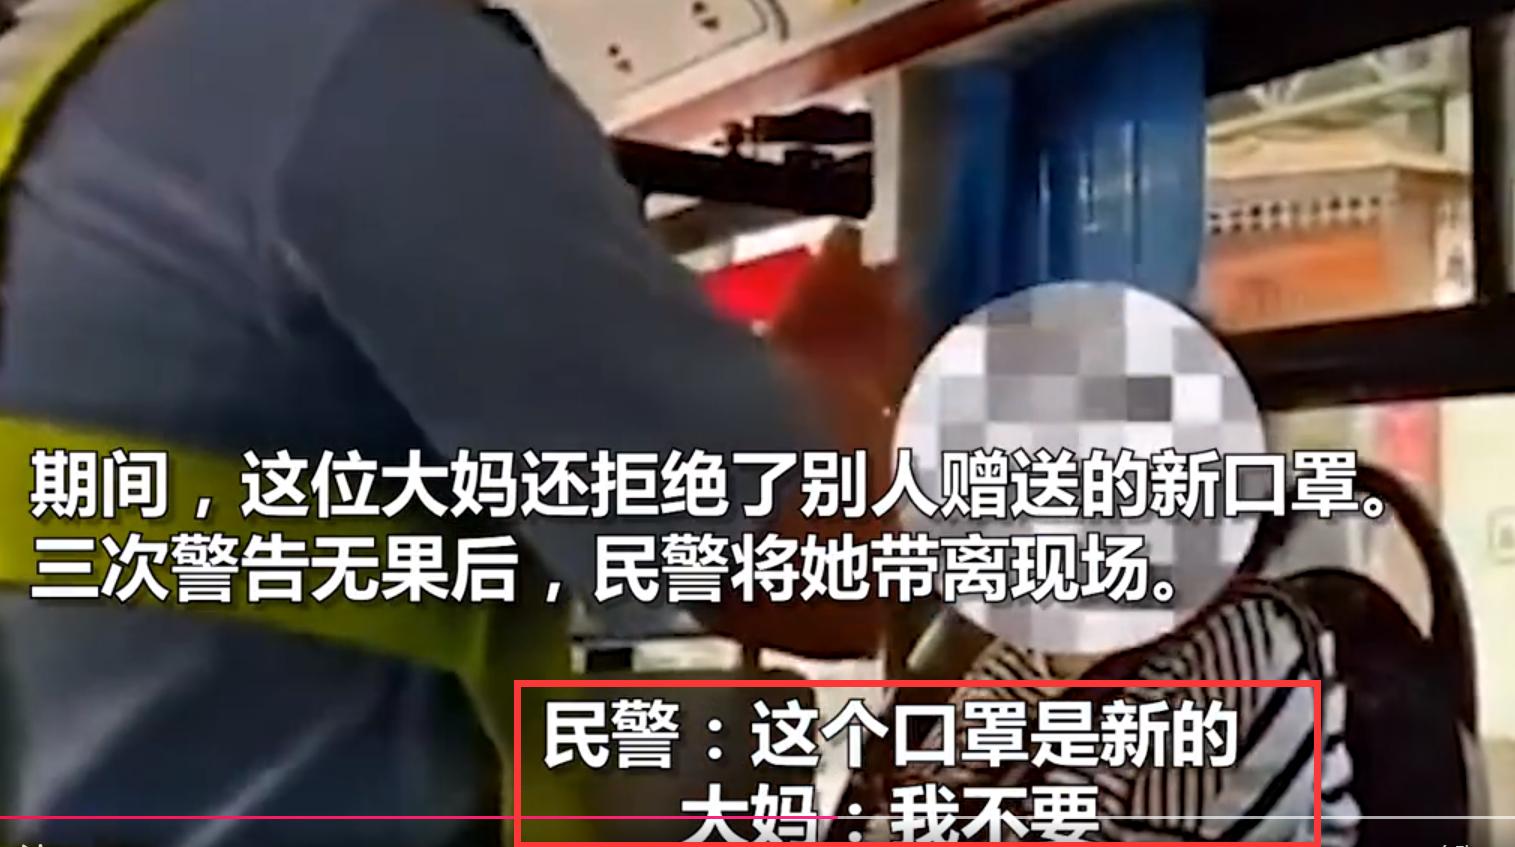 上海大妈自称美国人,公交车上拒戴口罩,网友:和正黄旗大妈一家的